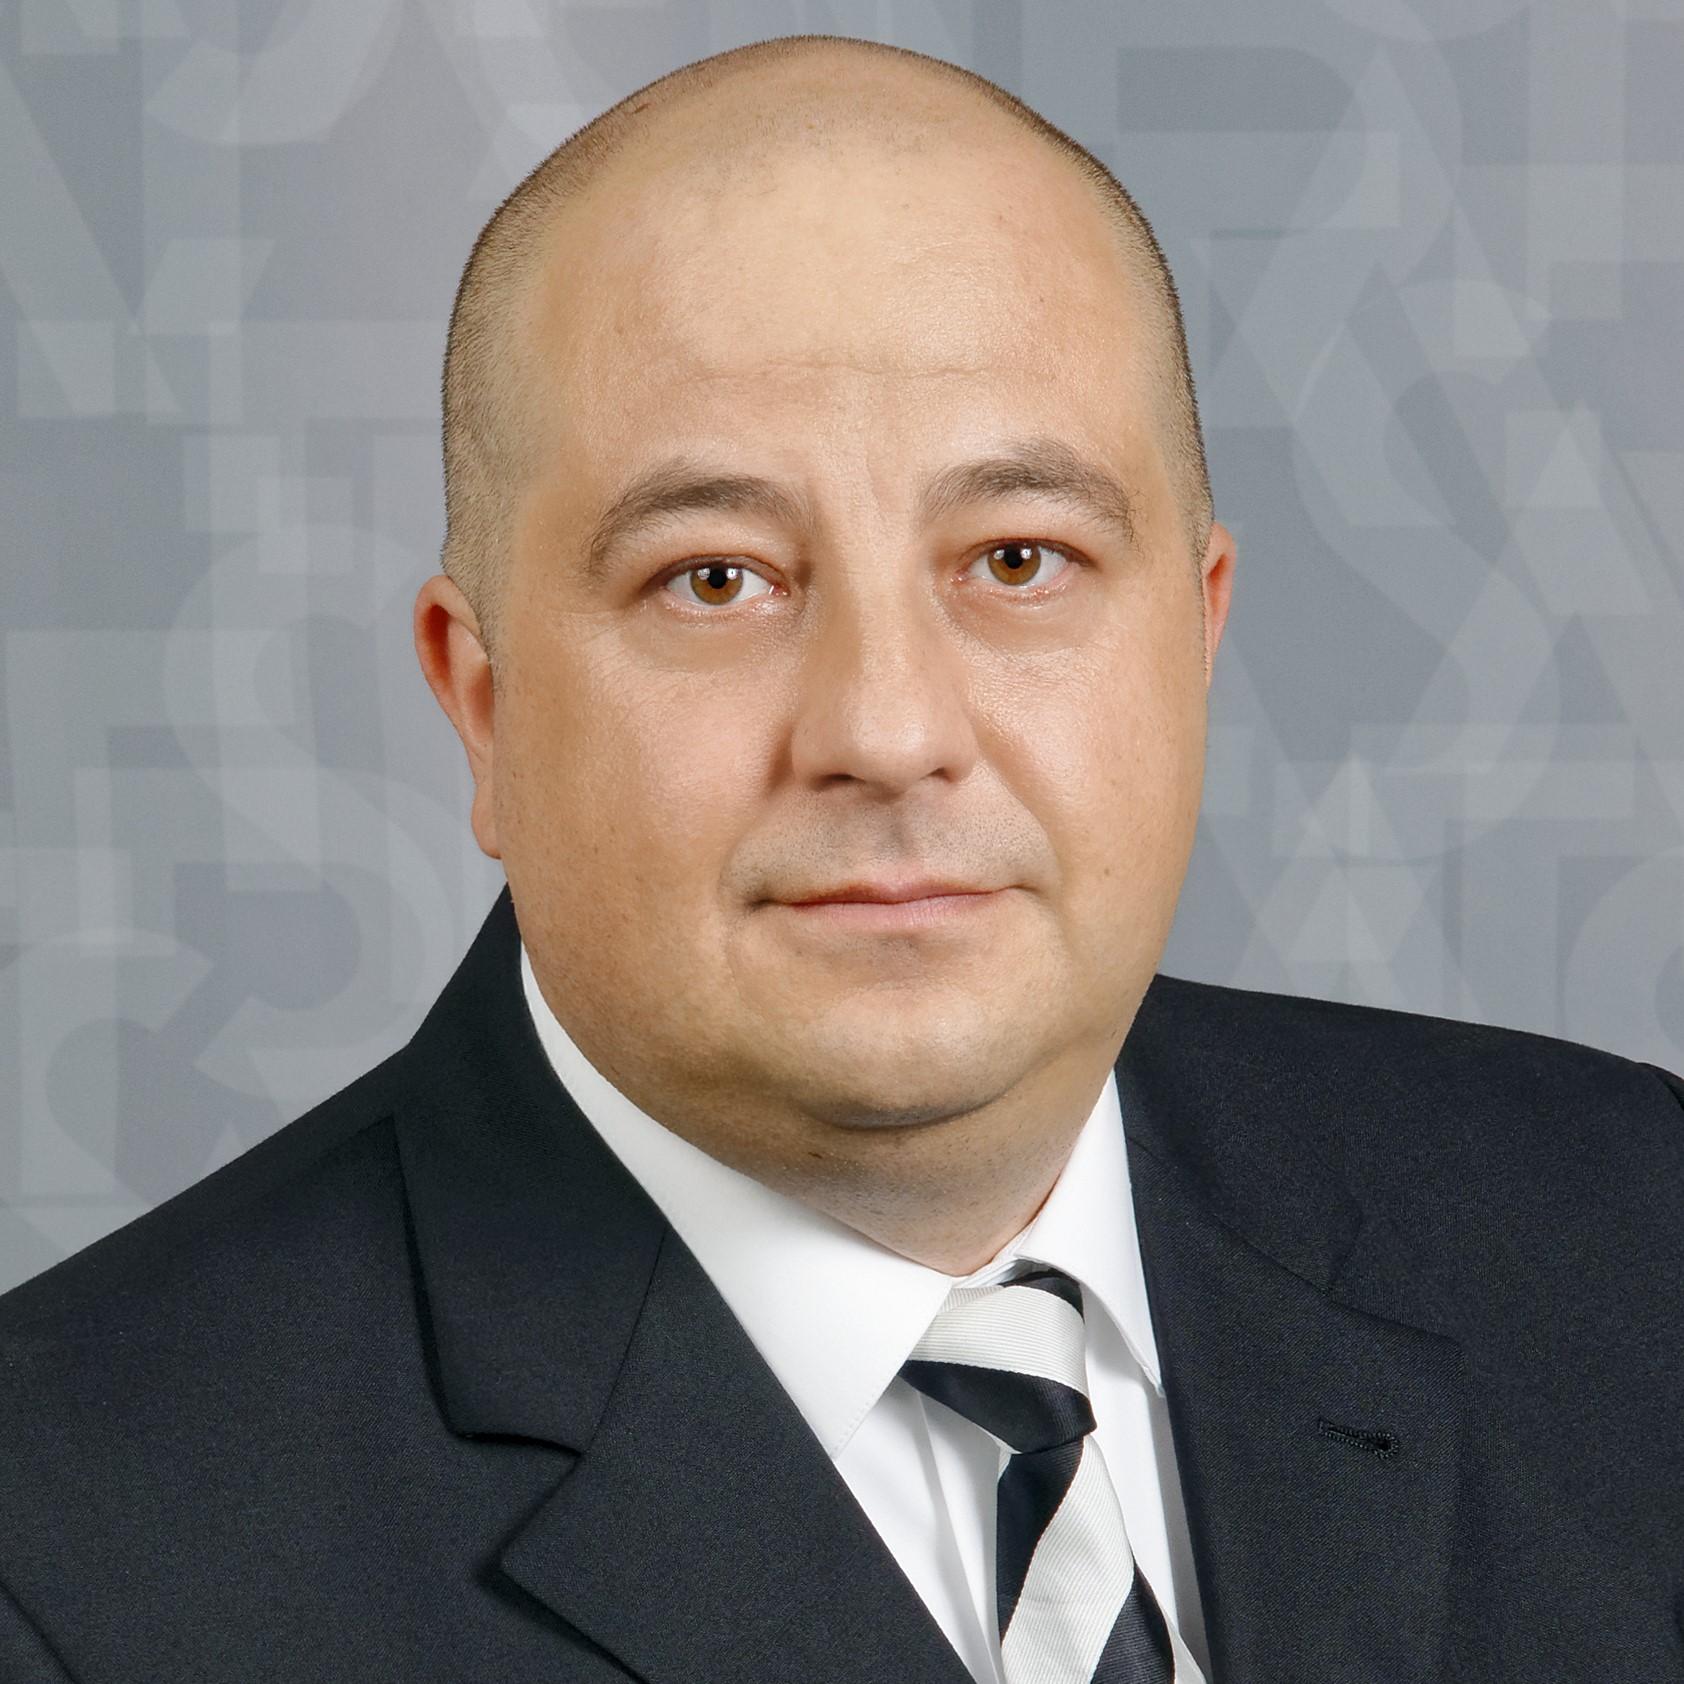 Péter Török